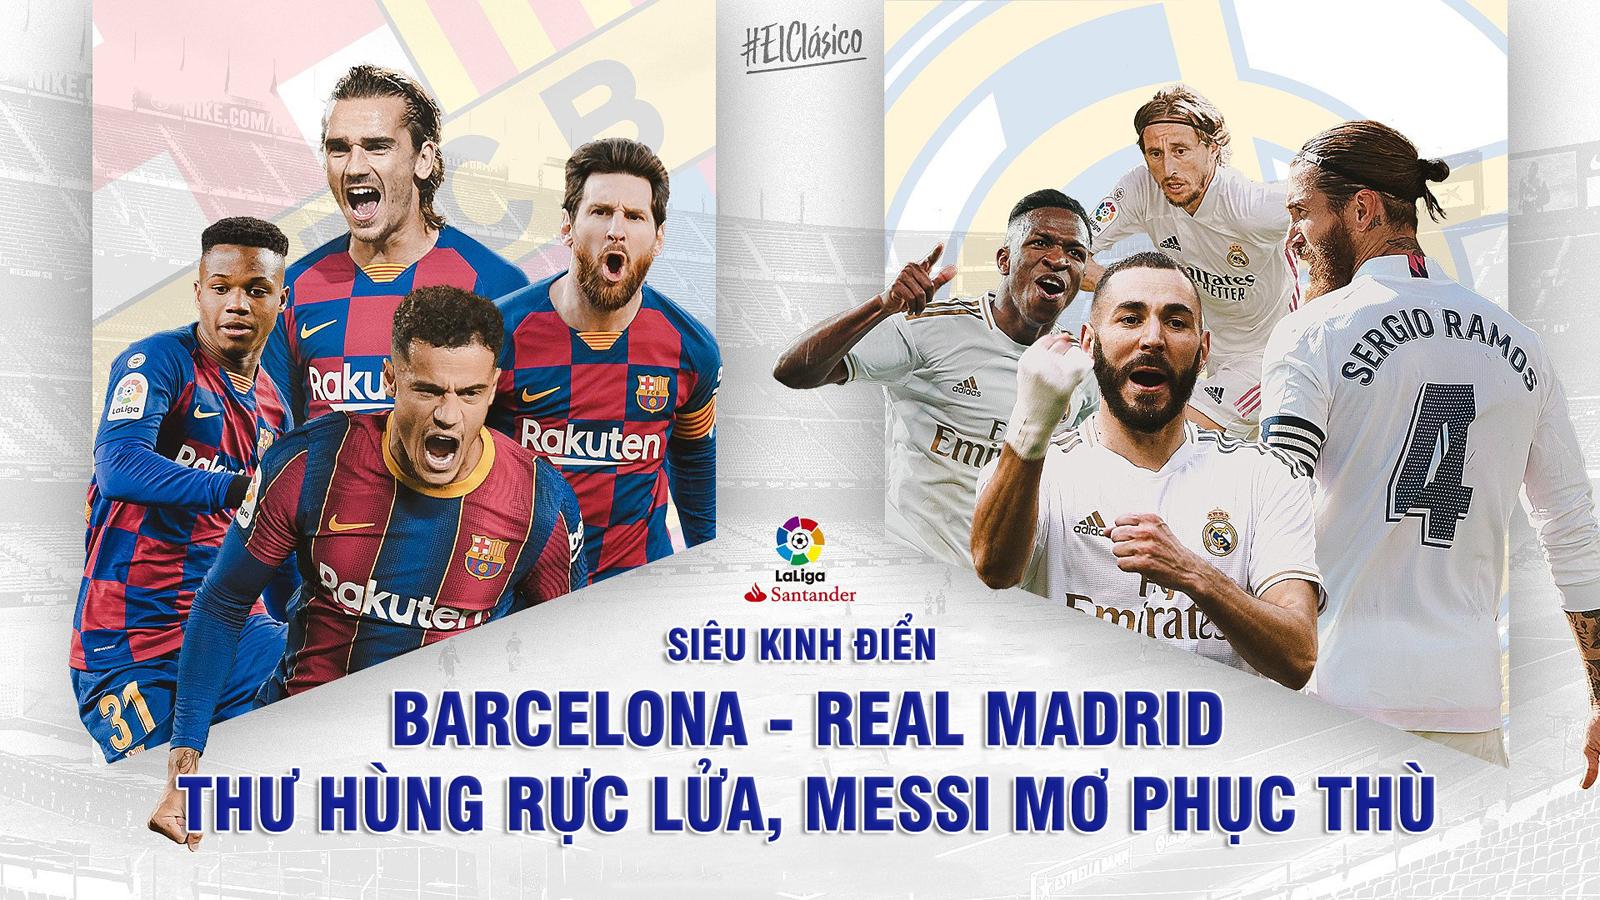 """""""Siêu kinh điển"""" Barcelona – Real Madrid: Thư hùng rực lửa, Messi mơ phục thù - 1"""